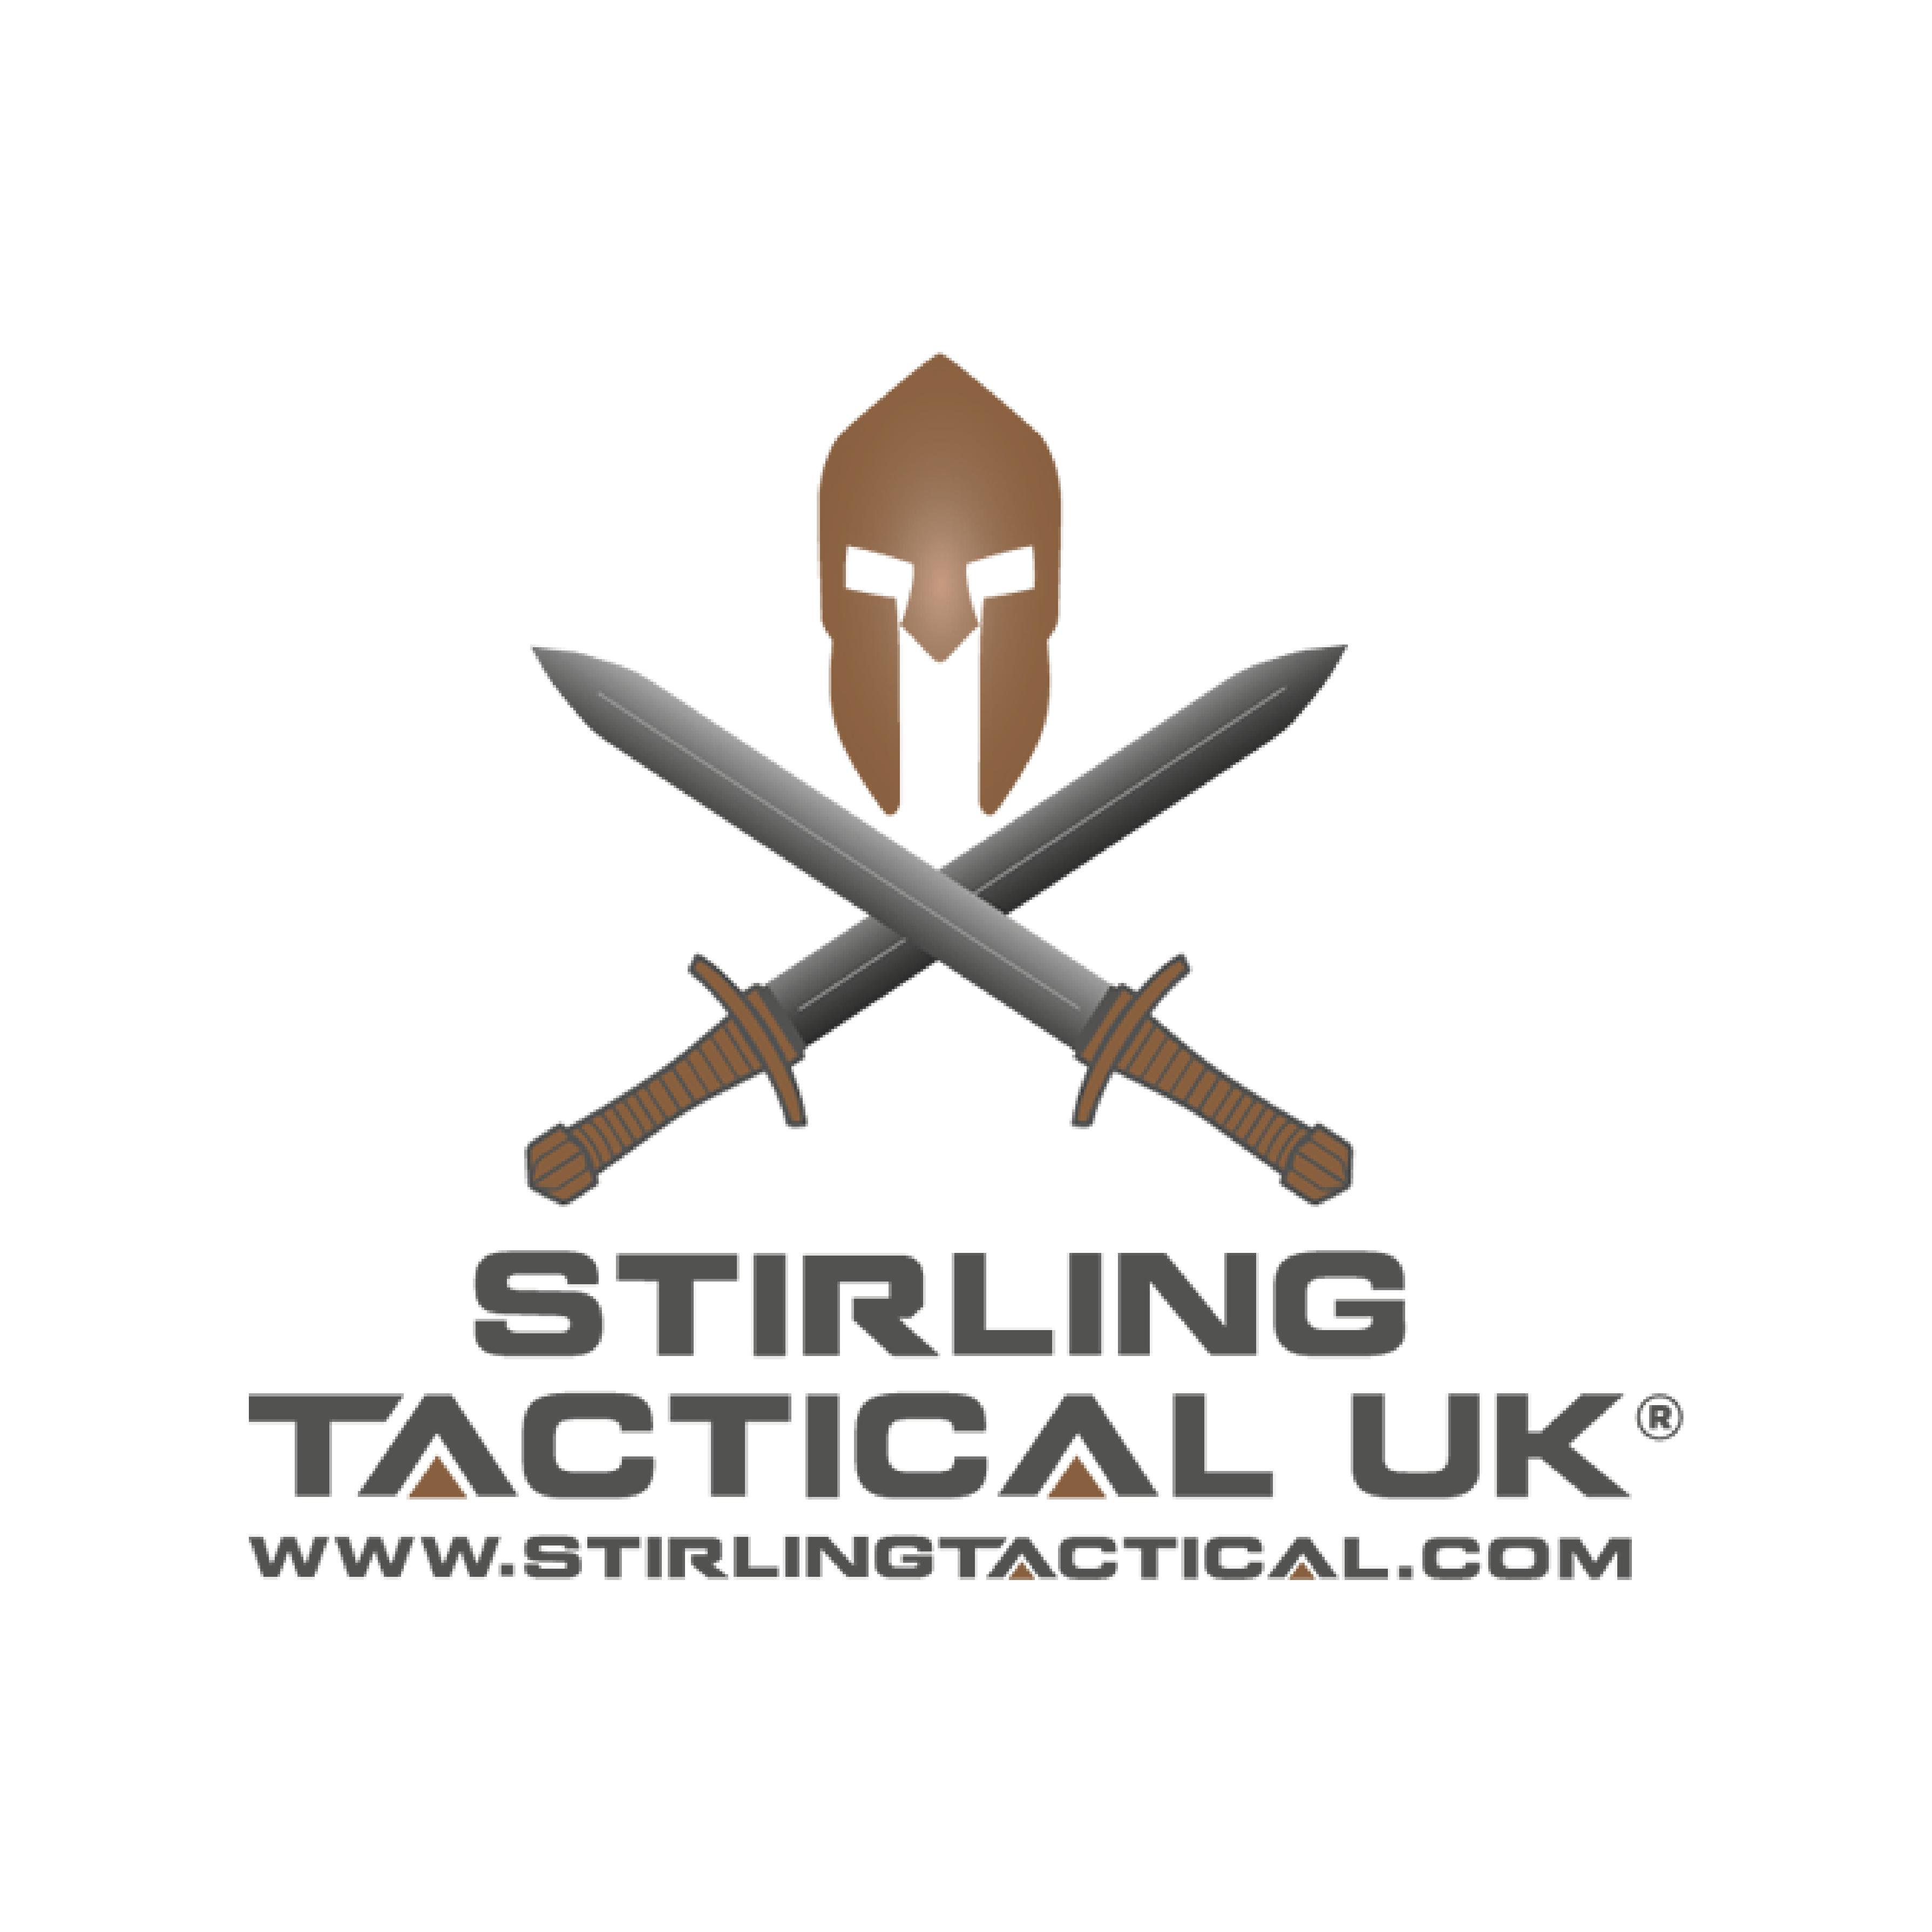 Stirling Tactical UK